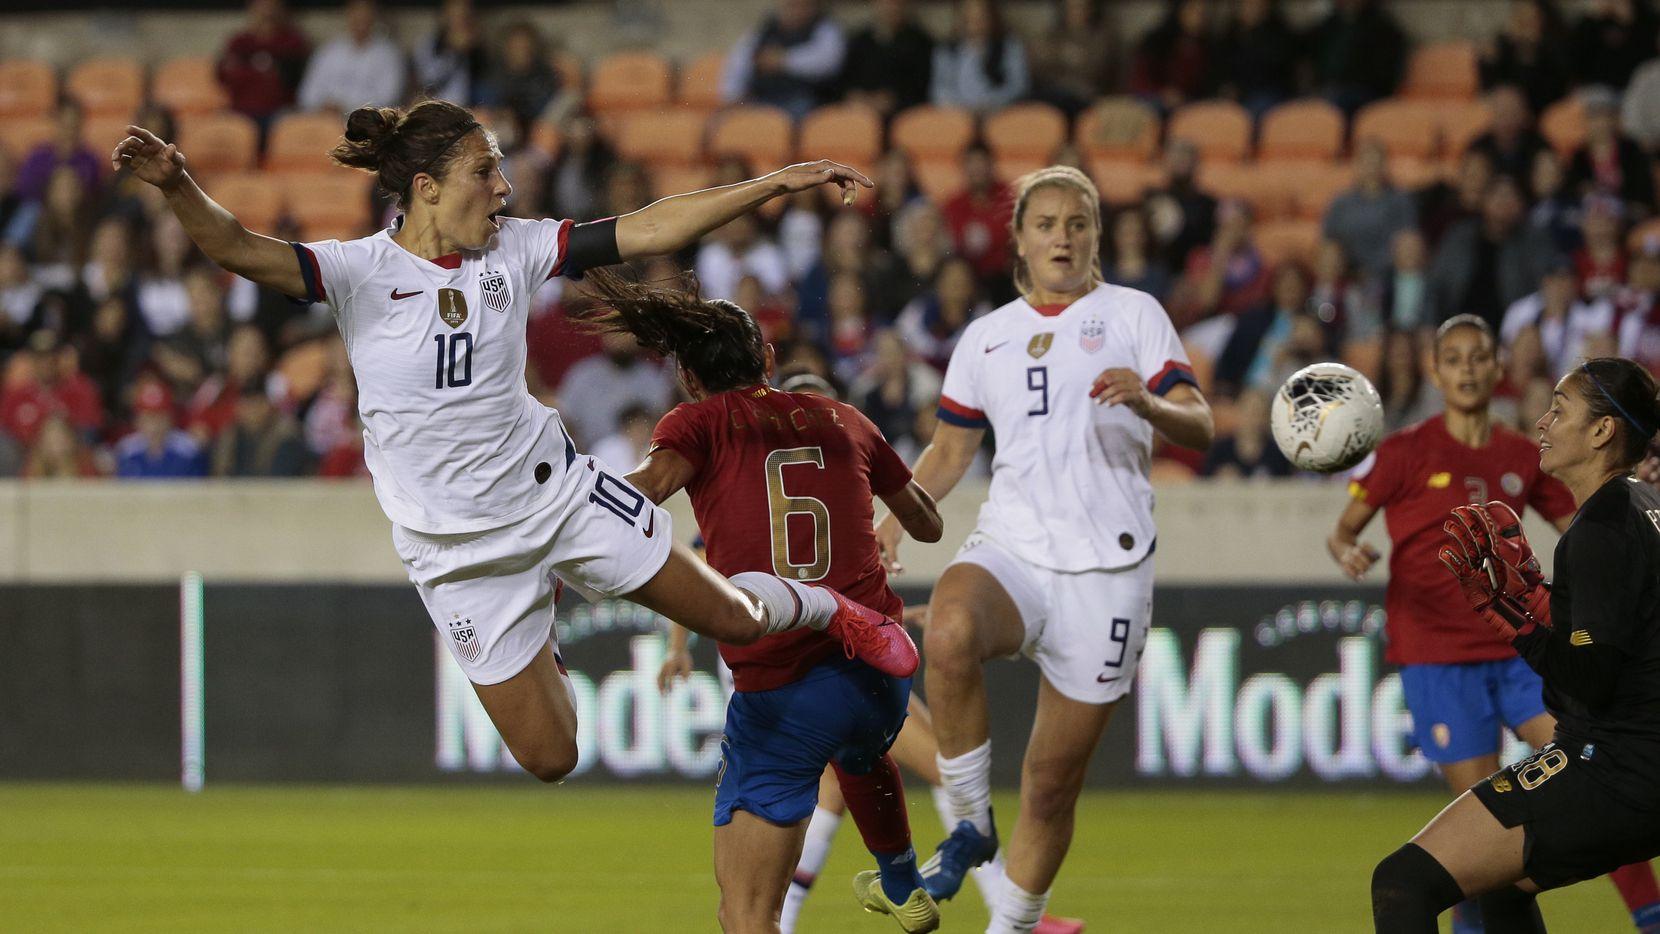 La selección femenil de Estados Unidos, actual campeona del mundo, viene al Toyota Stadium de Frisco para enfrentar al equipo nacional de Japón.